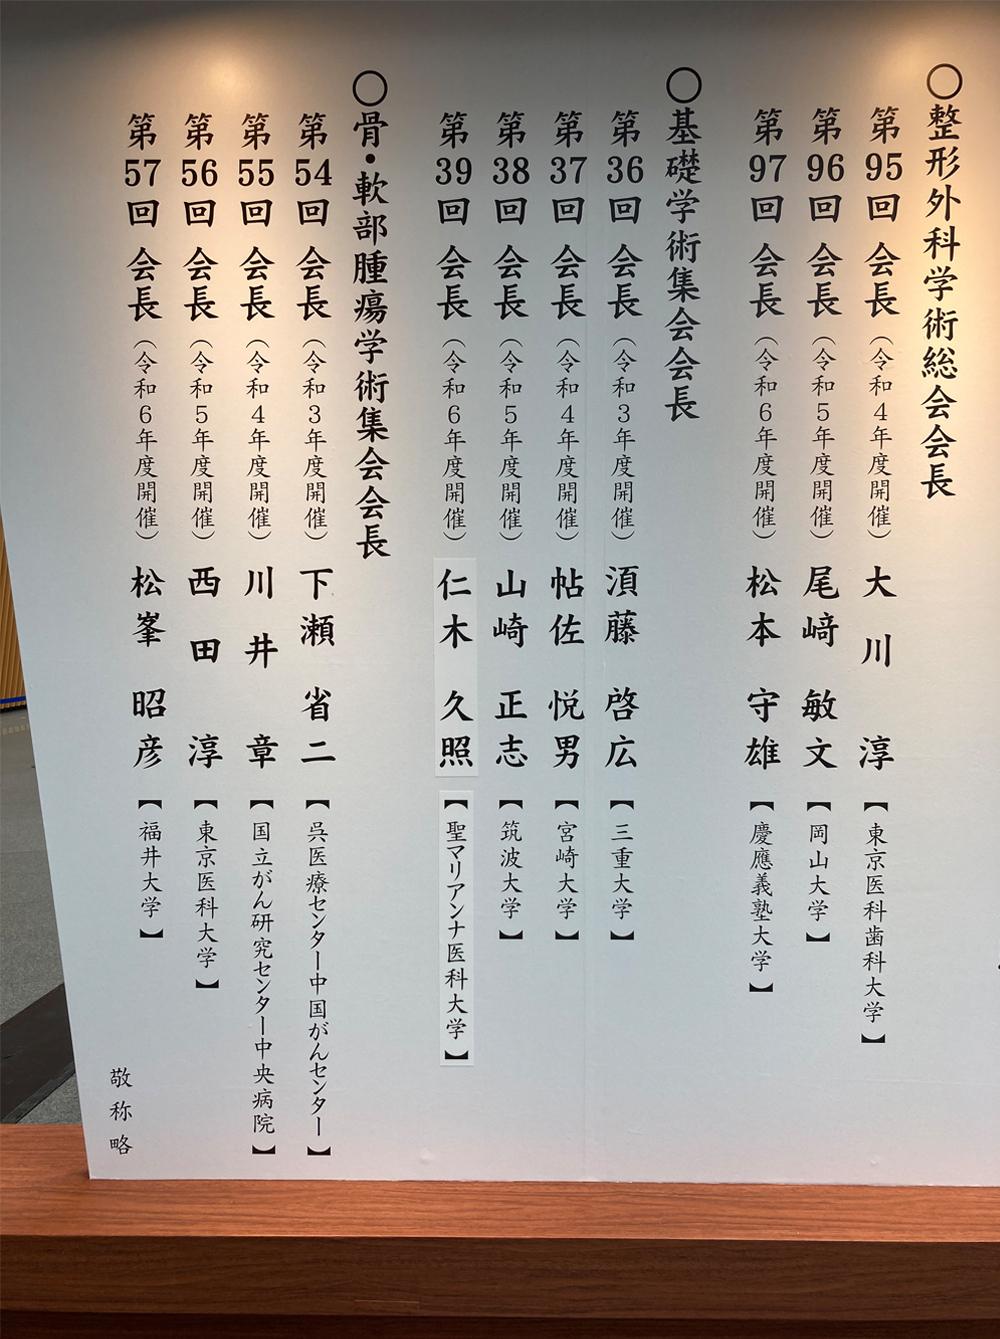 第39回日本整形外科学会基礎学術集会・主幹校拝命のお知らせ(第2報)